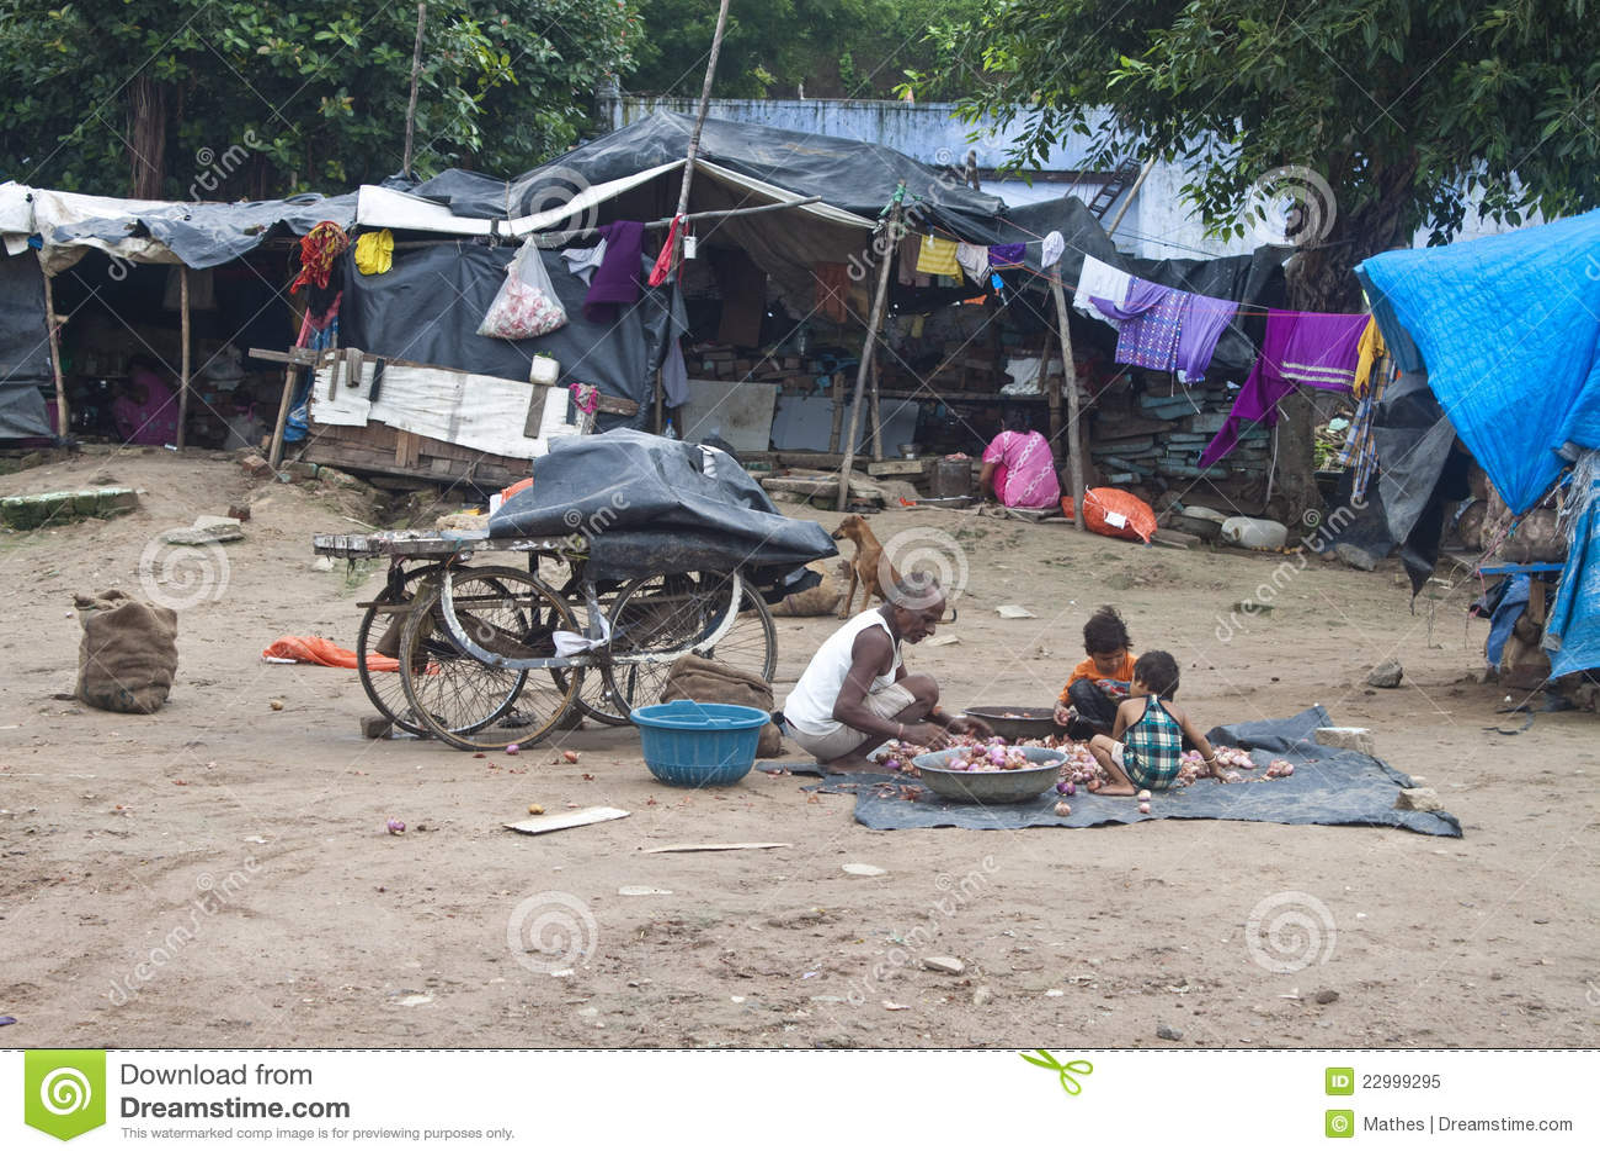 Poor people living in slum